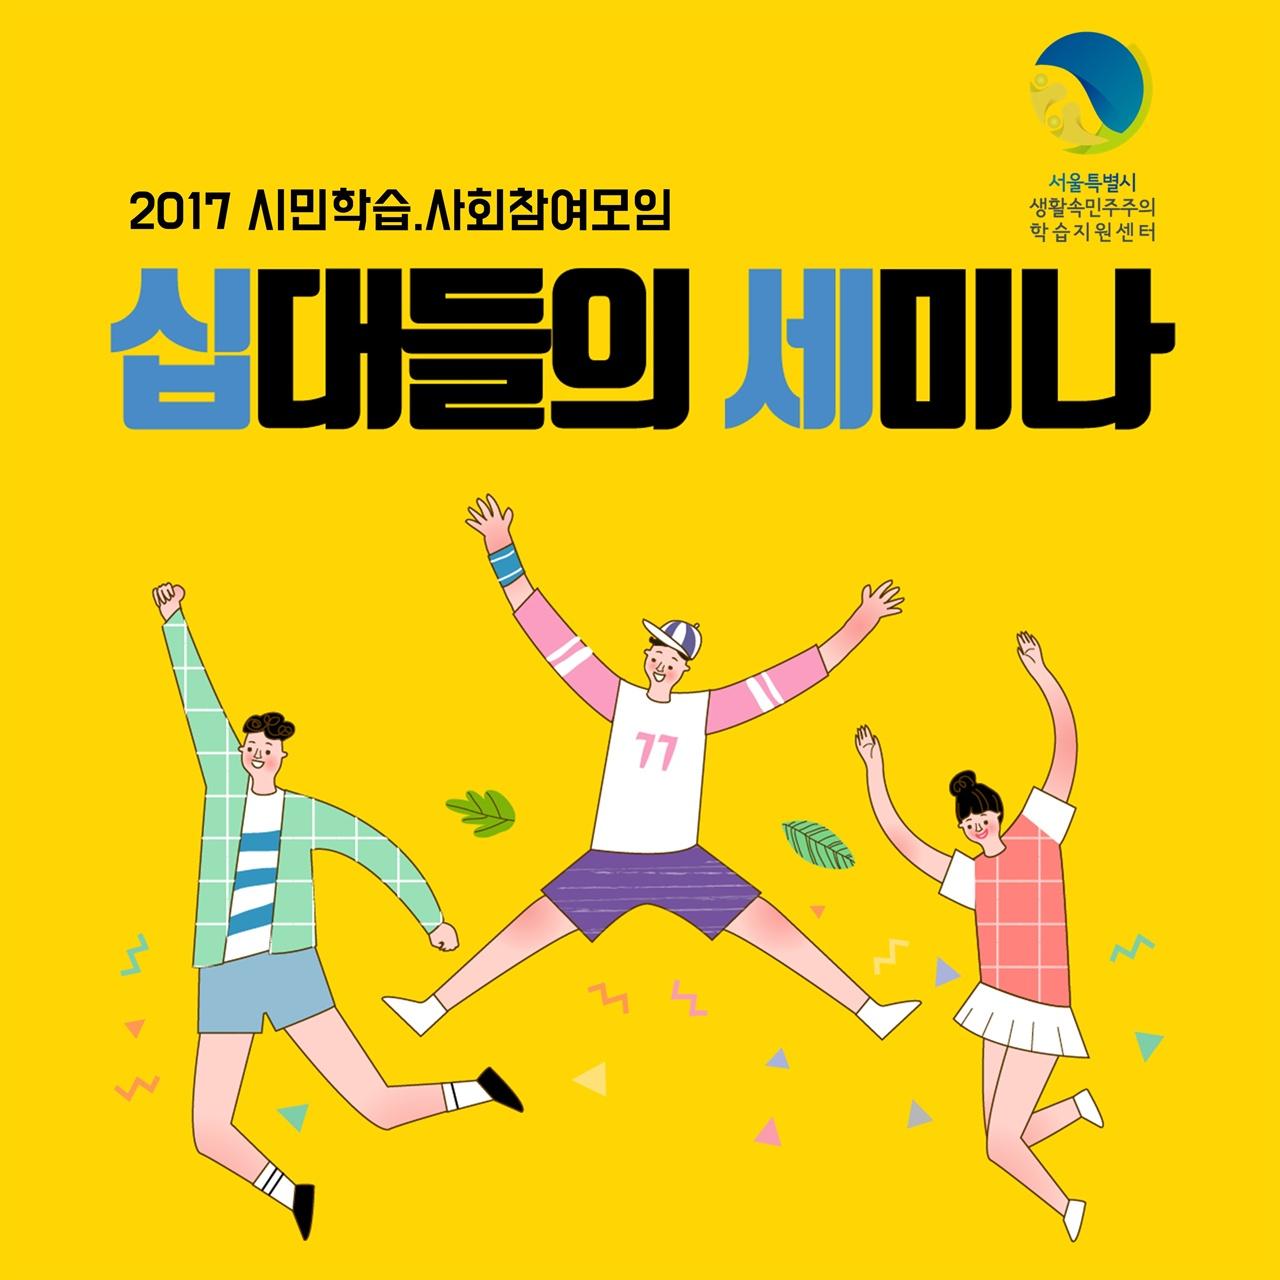 [서울시 생활속민주주의 학습지원센터] 2017 시민학습 사회참여모임 '십대들의 세미나'